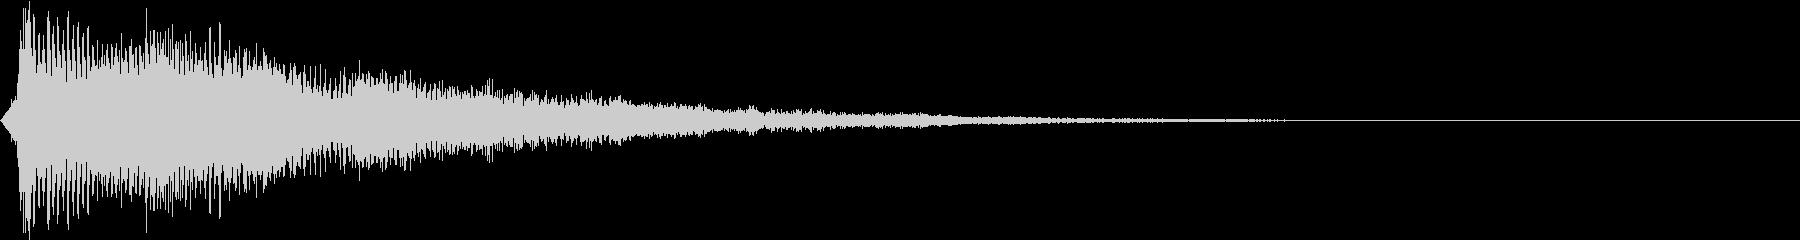 テロップ紹介(ラッパとピアノ:ポワン)3の未再生の波形